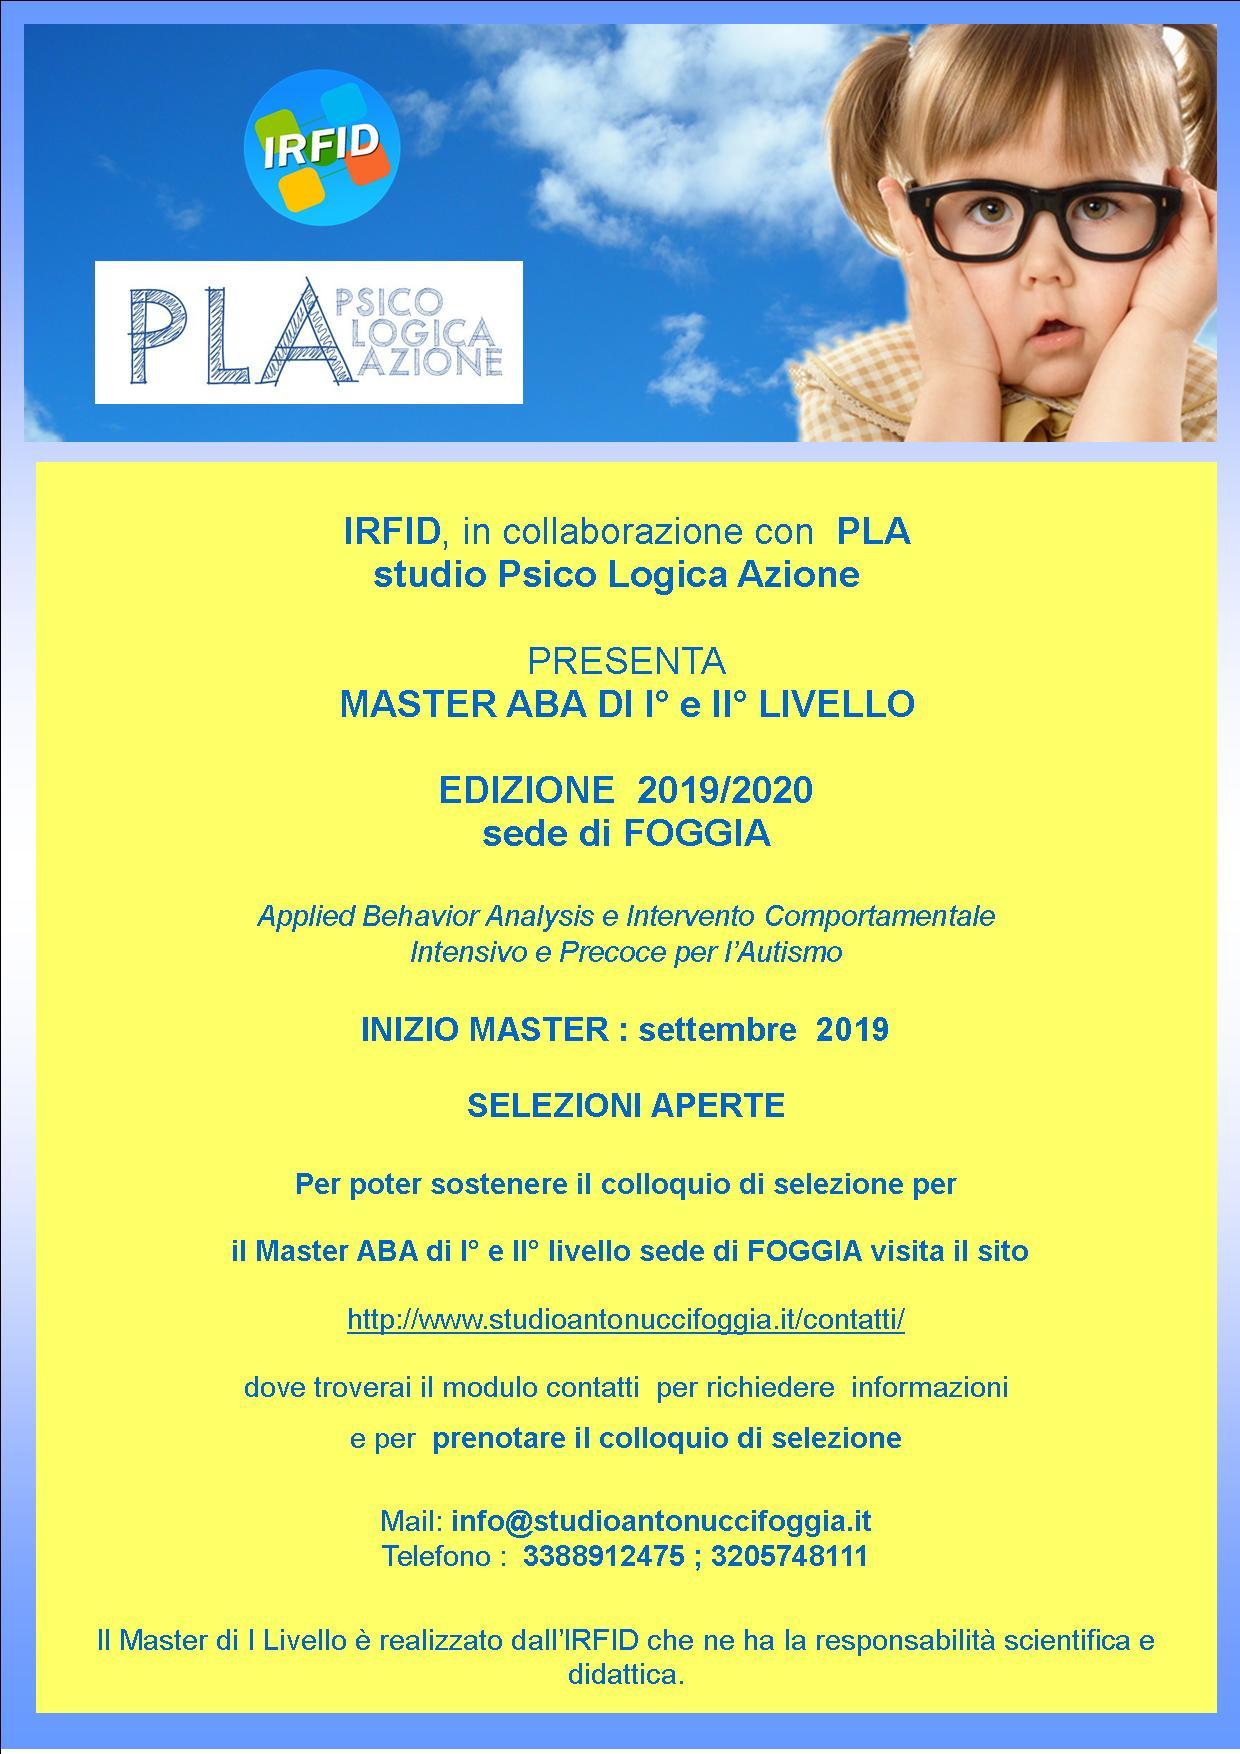 Master ABA di I e II livello  organizzato da  IRFID e PLA  a FOGGIA edizione  2019/2020